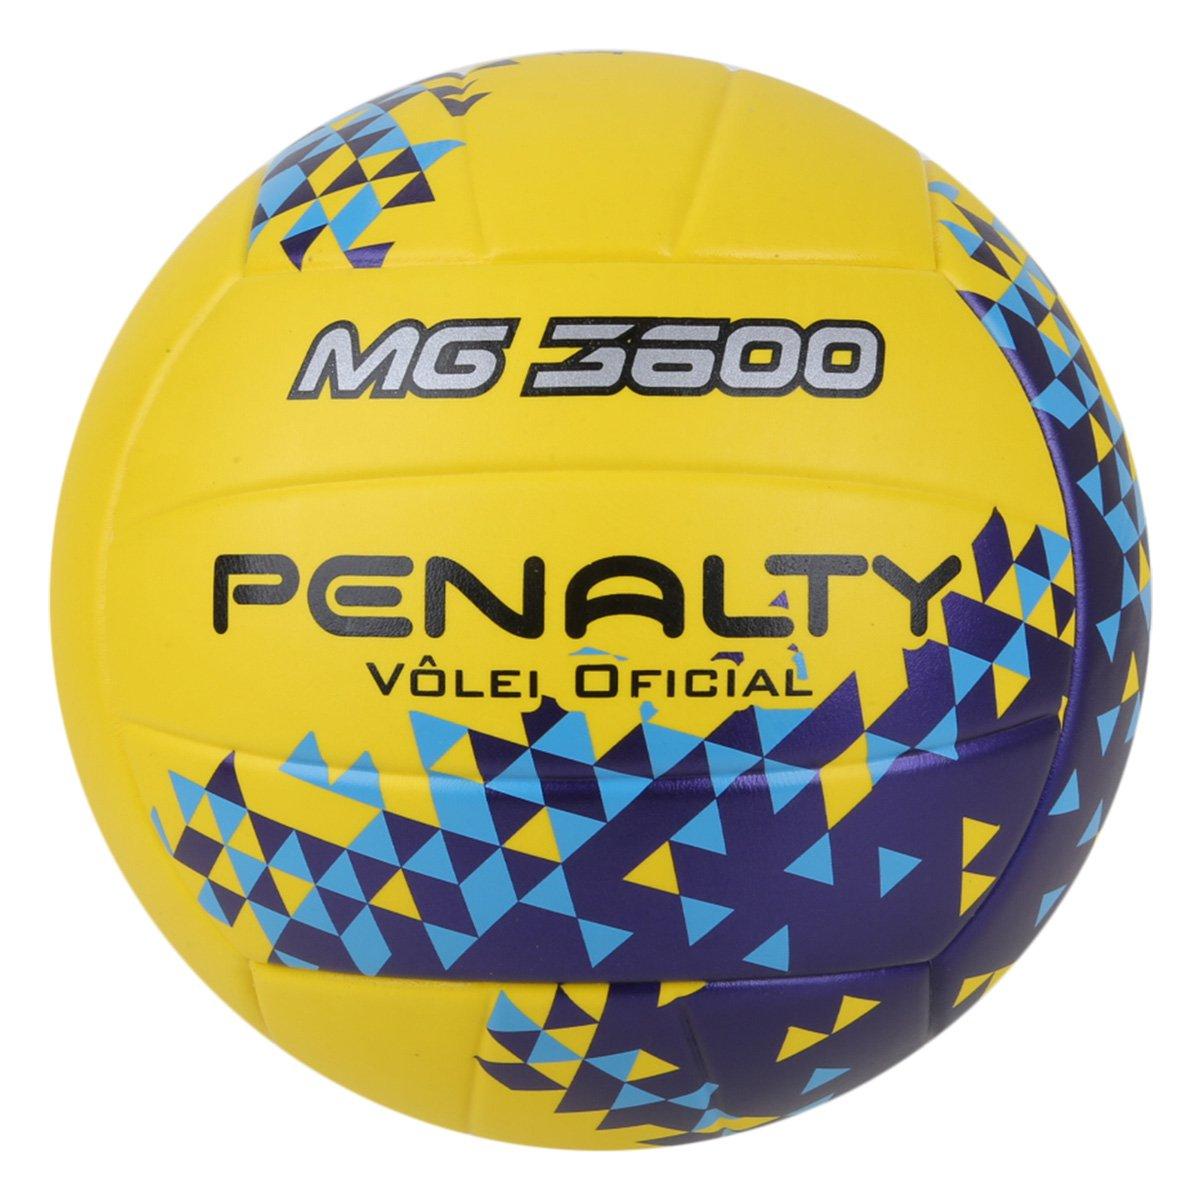 Bola de Vôlei Penalty MG 3600 Fusion VIII - Amarelo e Azul